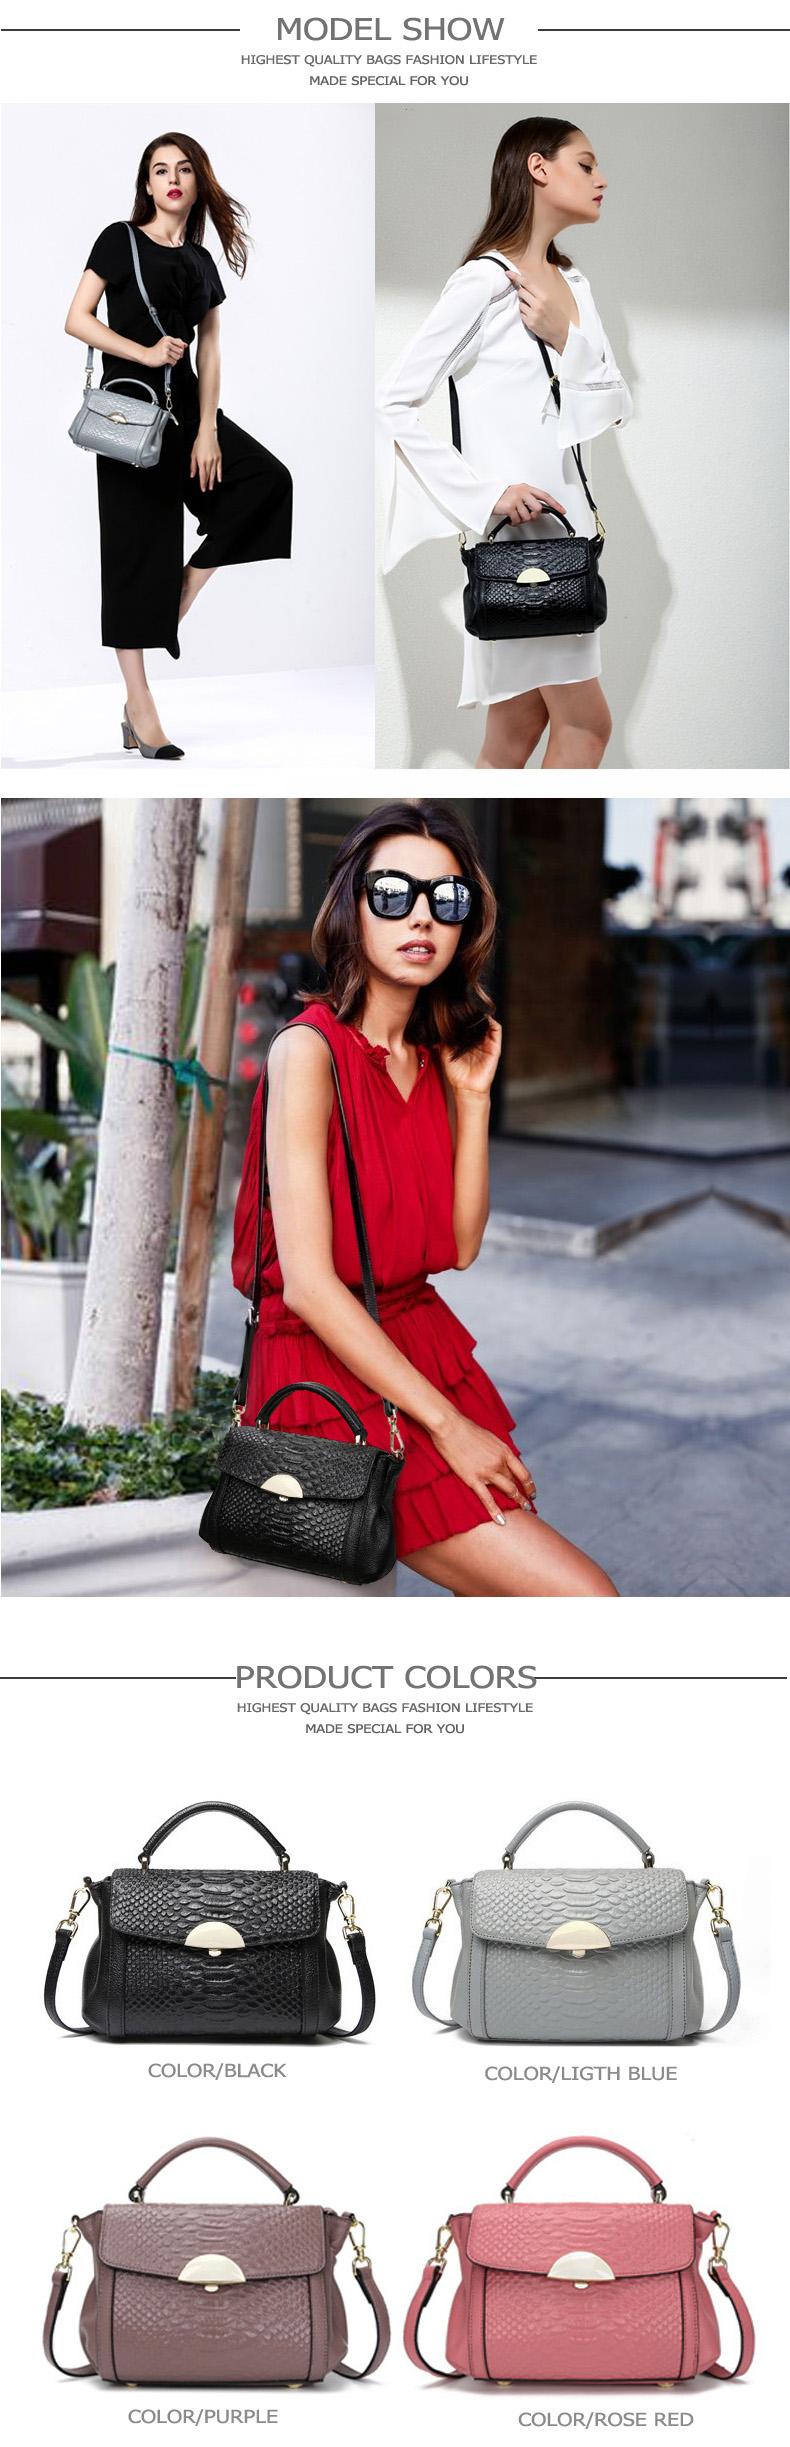 women leather handbags xiangqing-01